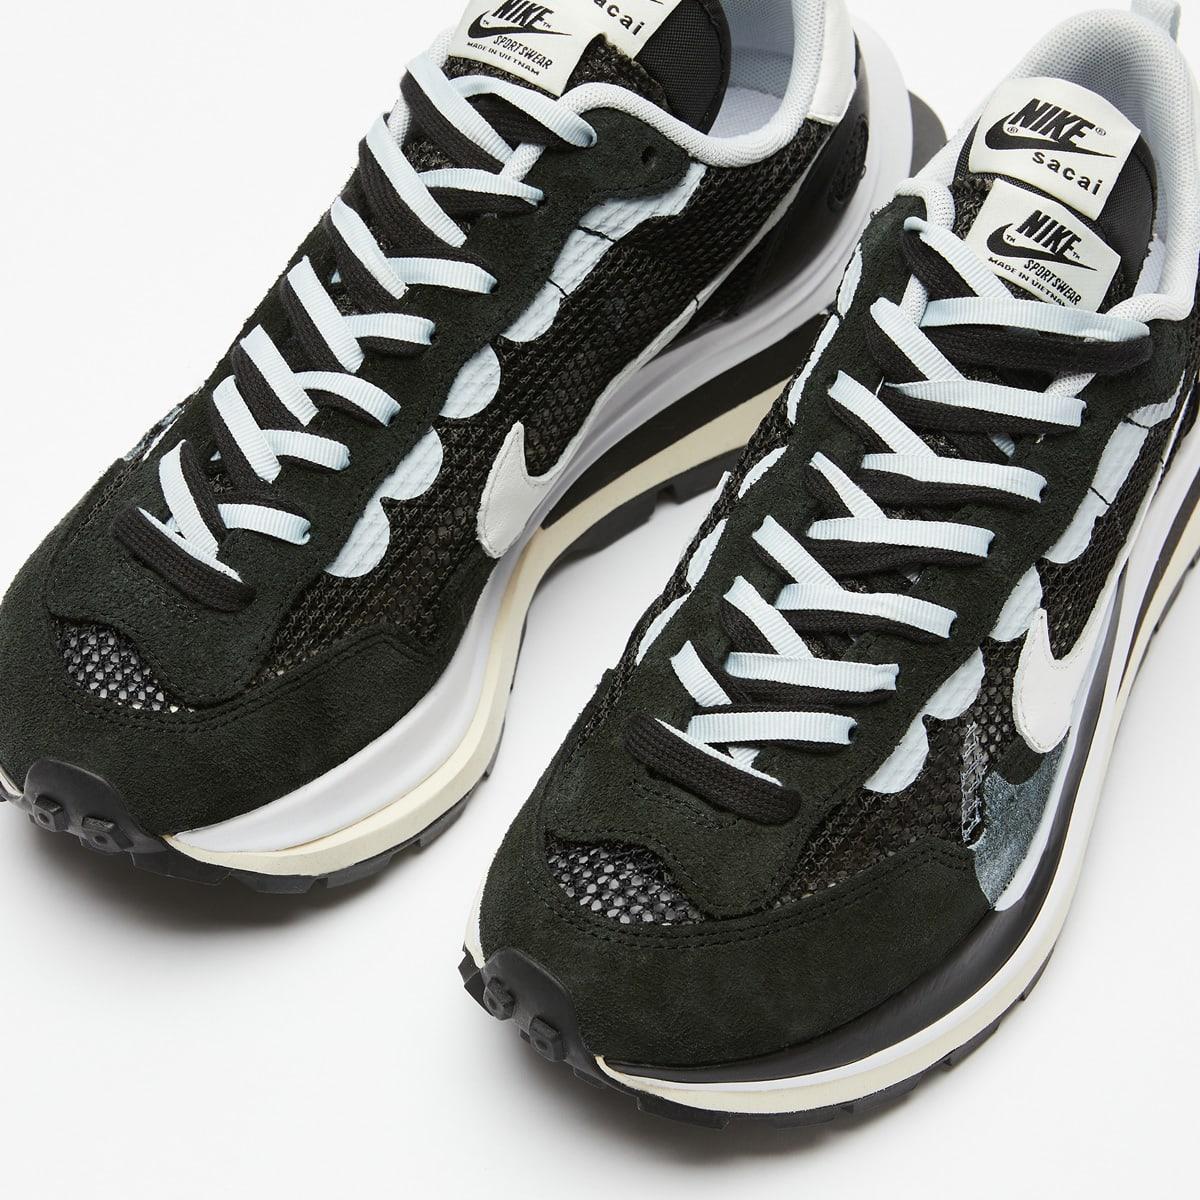 Nike x Sacai Vaporwaffle - CV1363-001